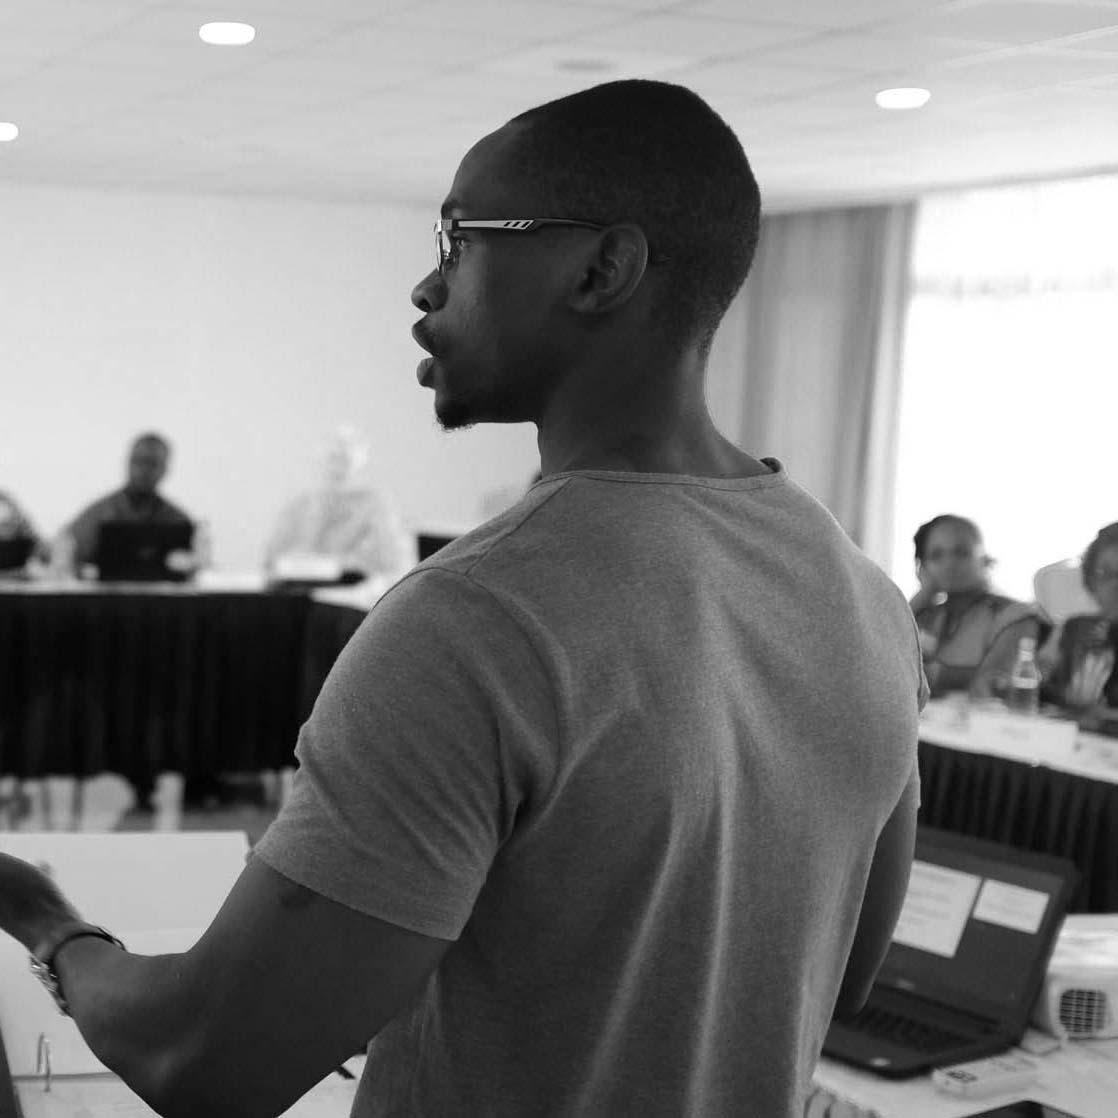 venture-village-founder-speaking-nairobi-bw-sq